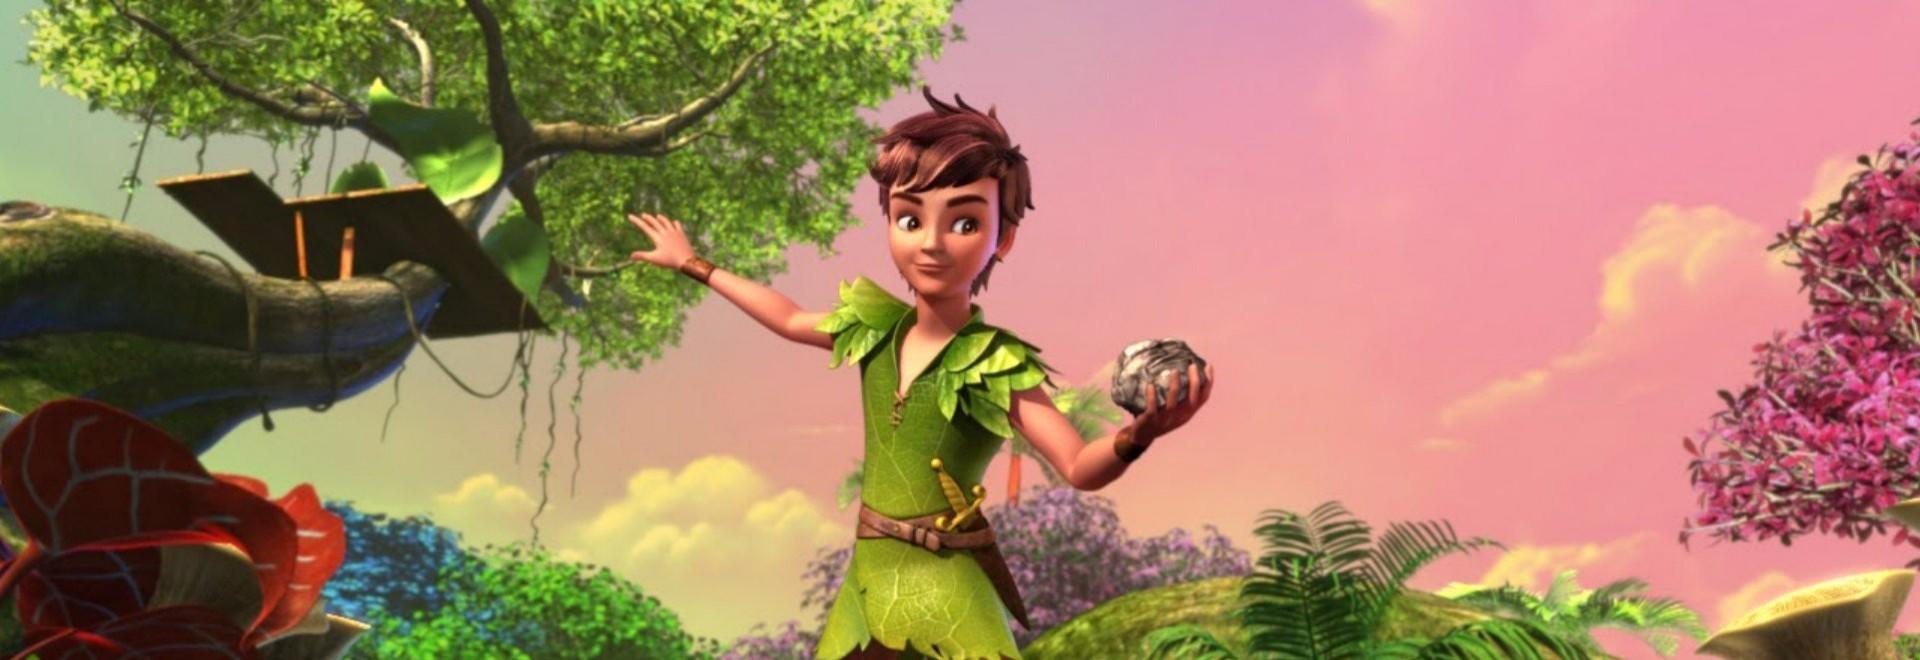 Le nuove avventure di Peter Pan